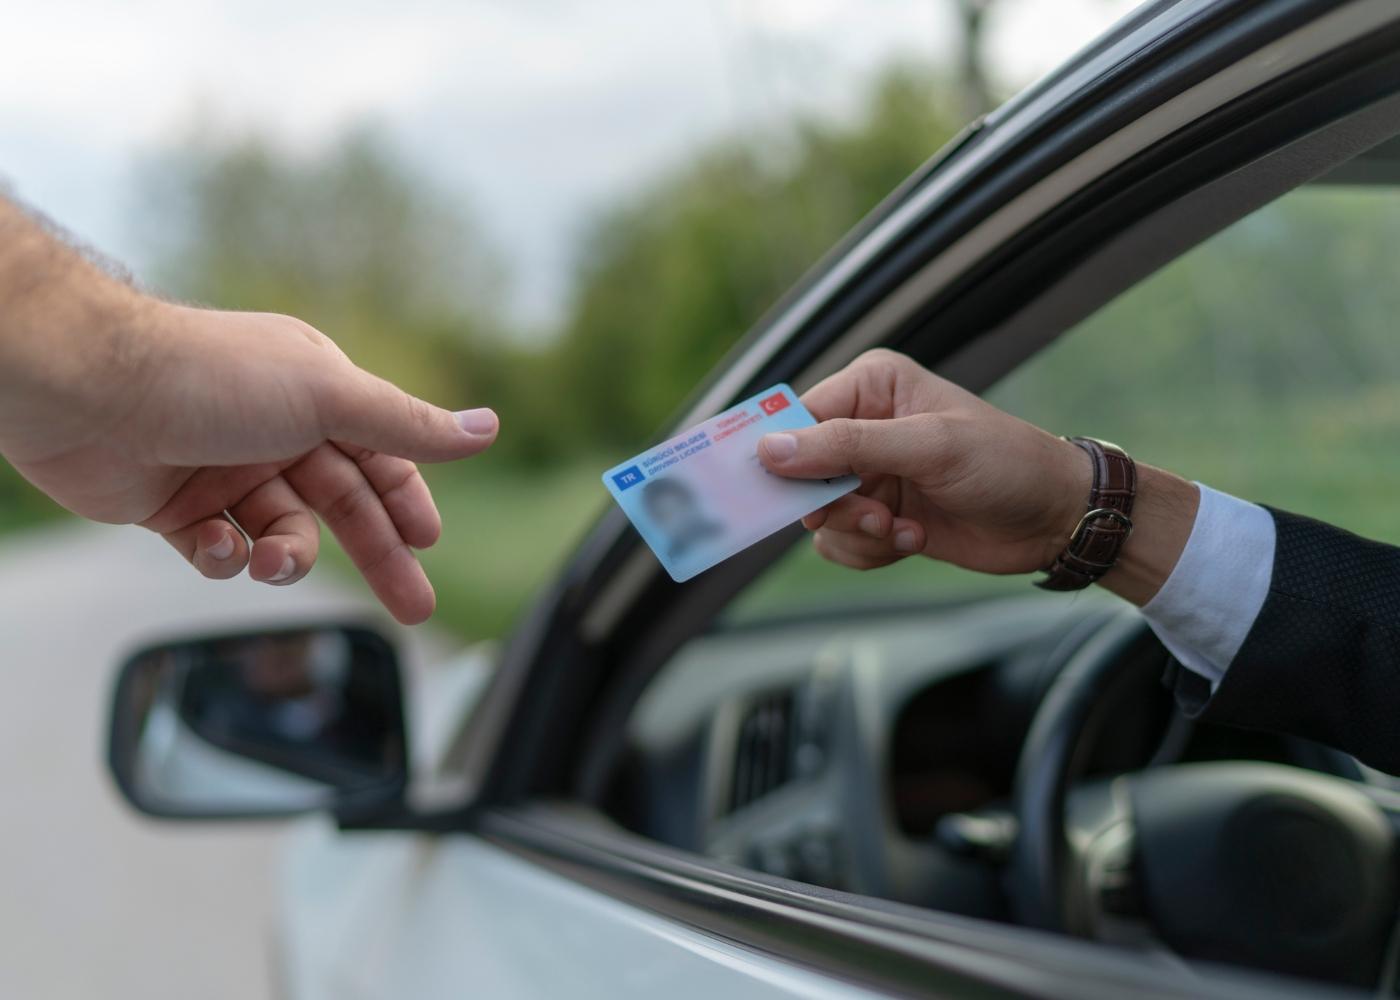 policia a examinar carta de condução